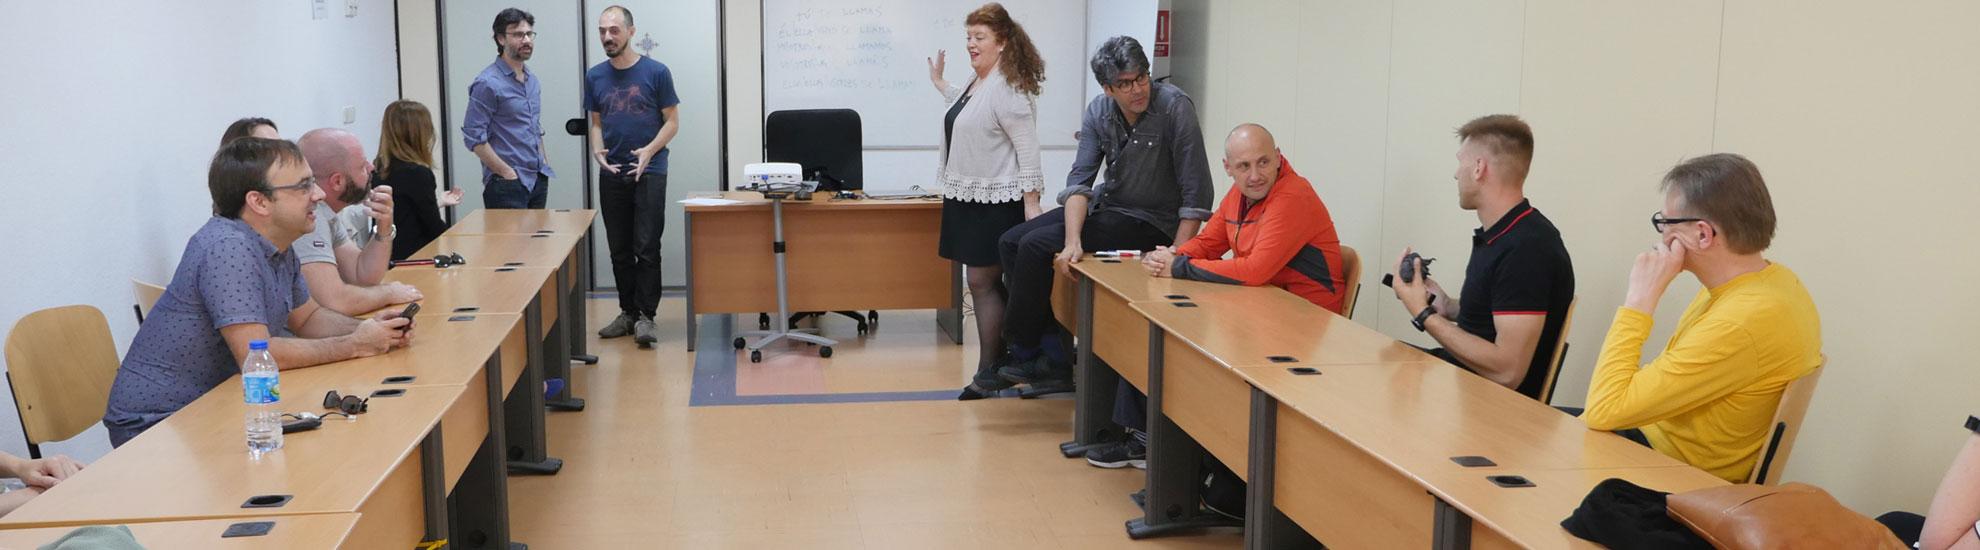 Escuela de Español spanish school santa barbara 03